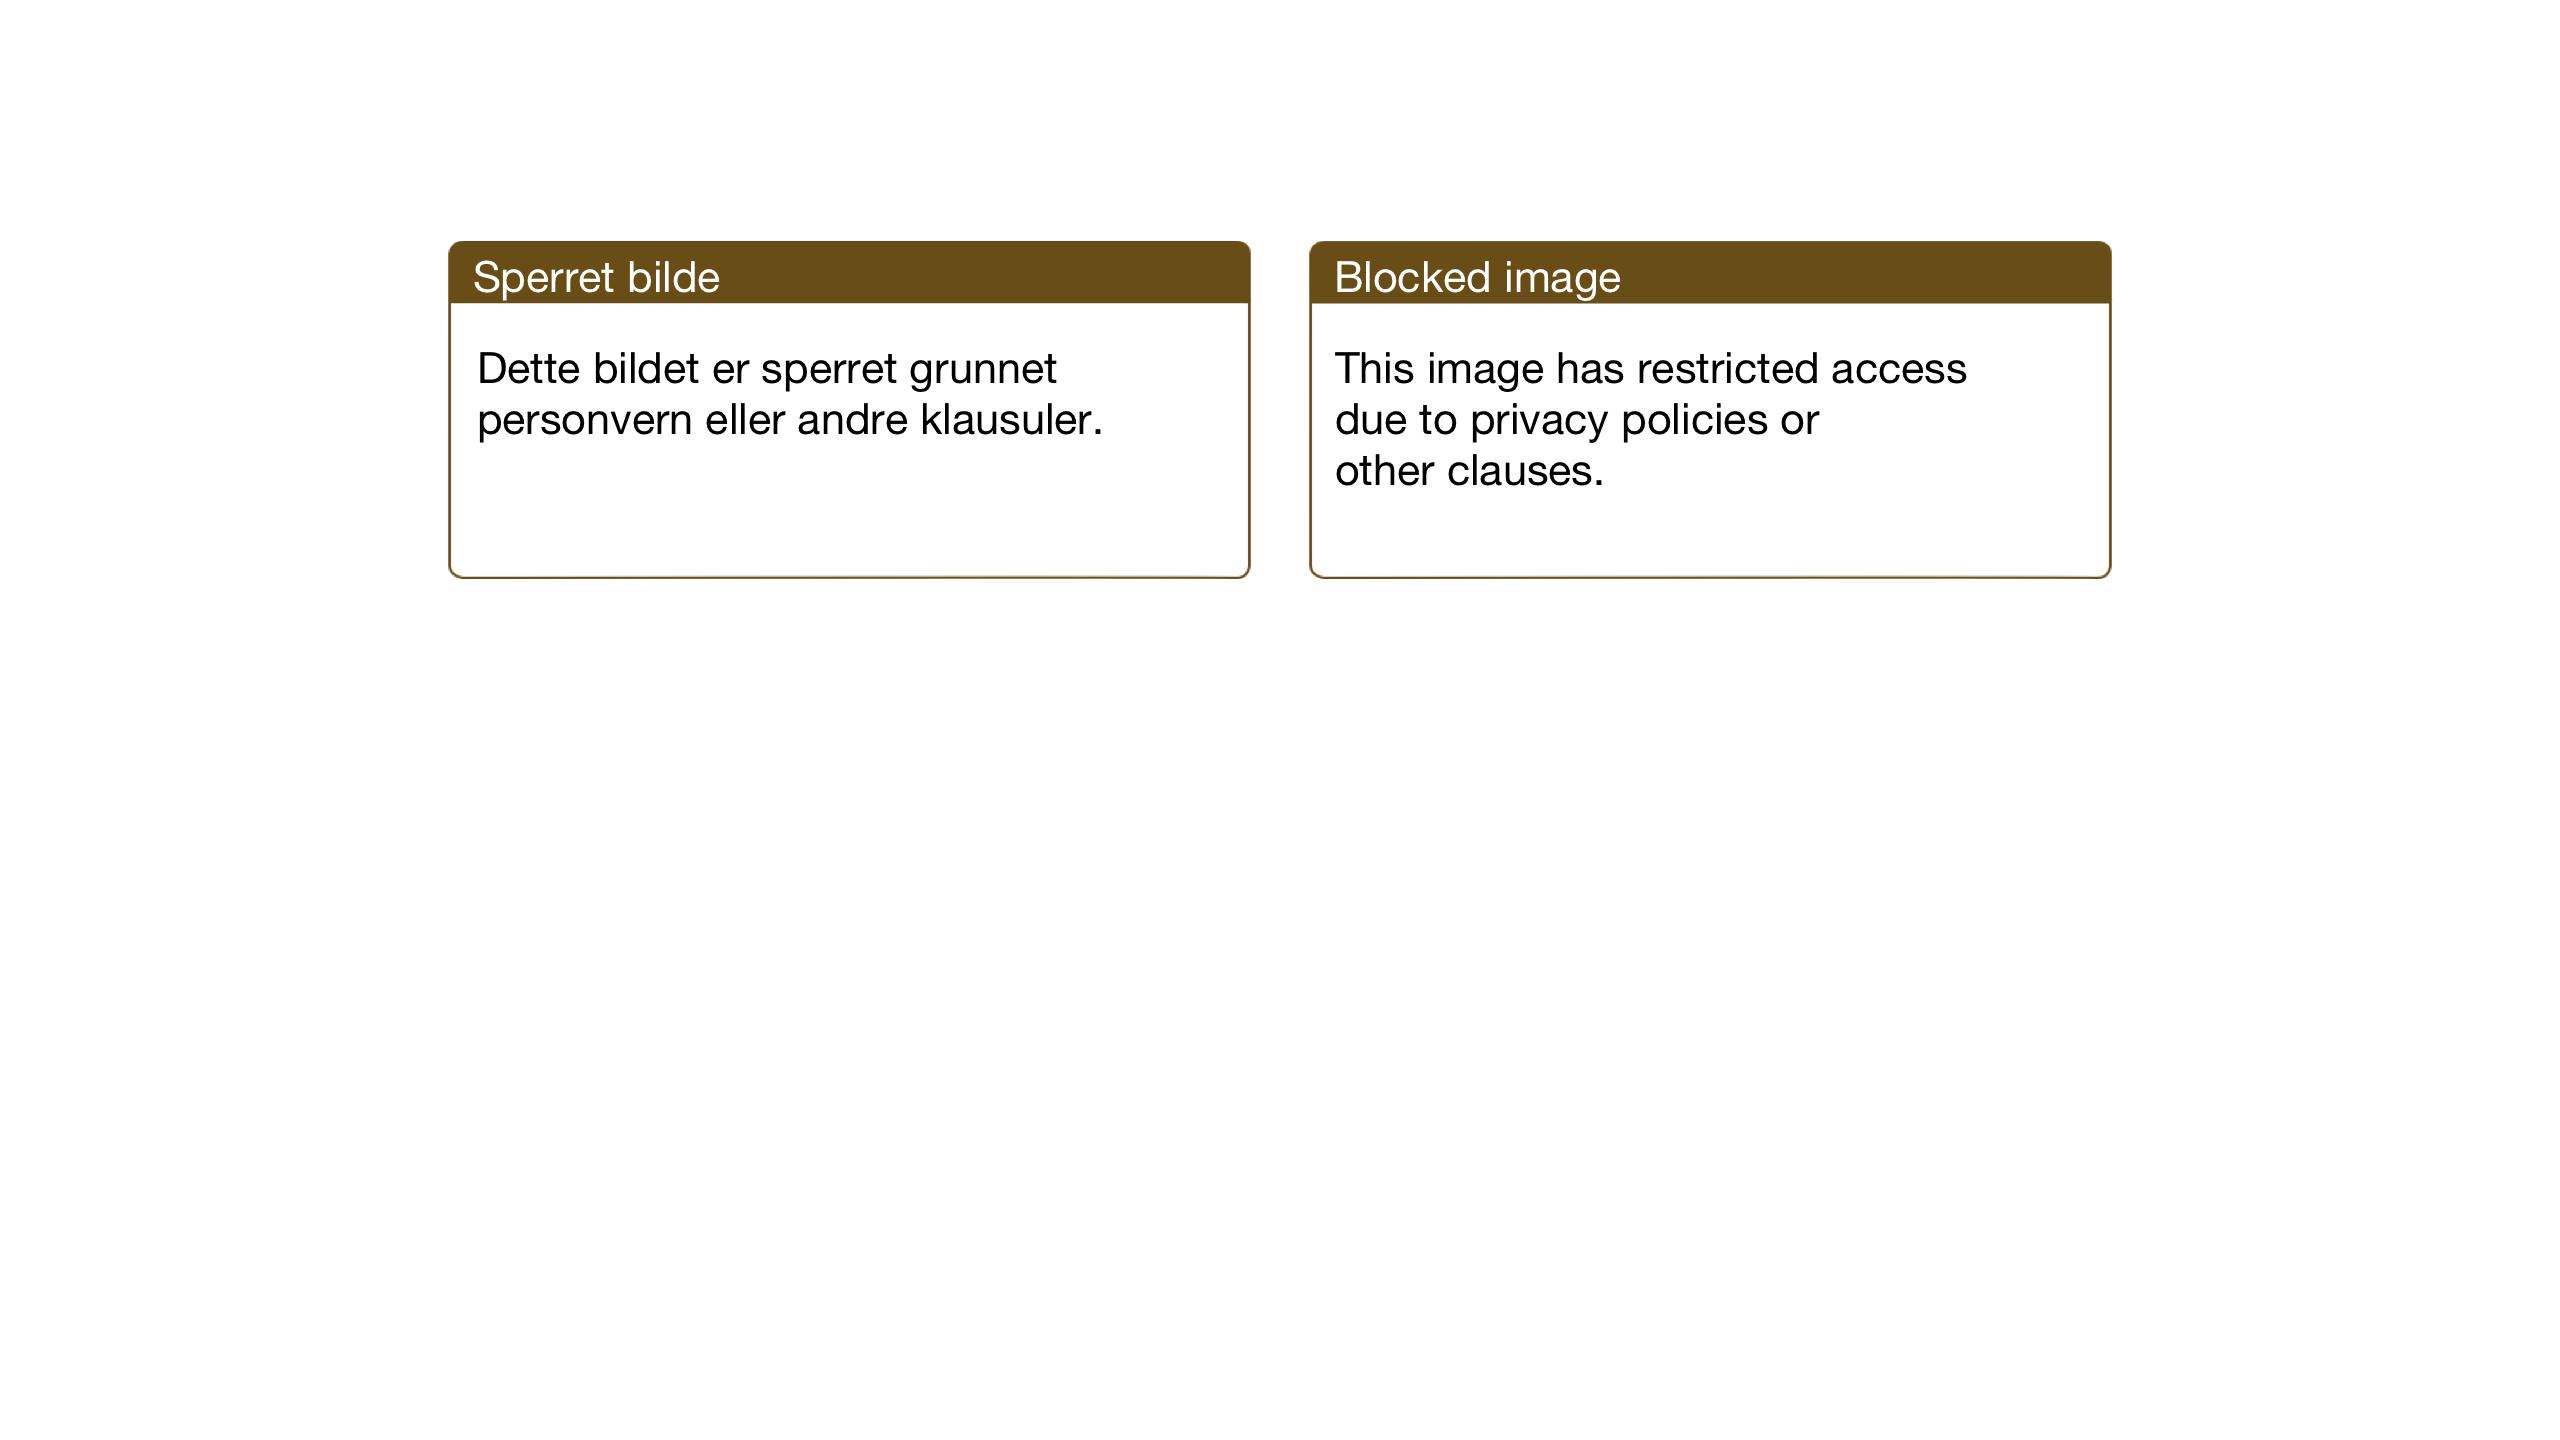 SAT, Ministerialprotokoller, klokkerbøker og fødselsregistre - Sør-Trøndelag, 633/L0521: Klokkerbok nr. 633C03, 1921-1941, s. 59